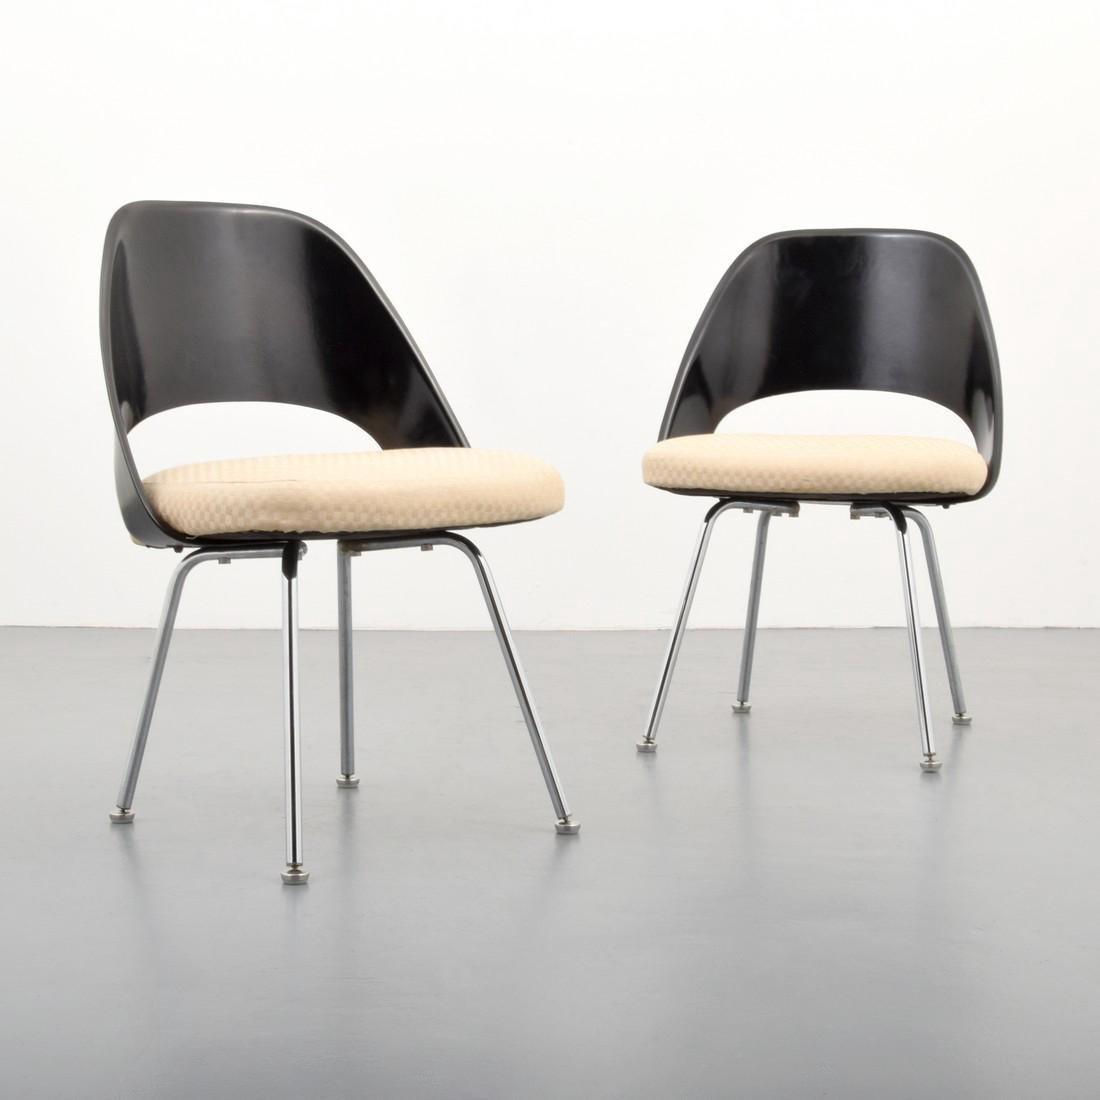 Eero Saarinen Dining Chairs, Set of 4 - 5